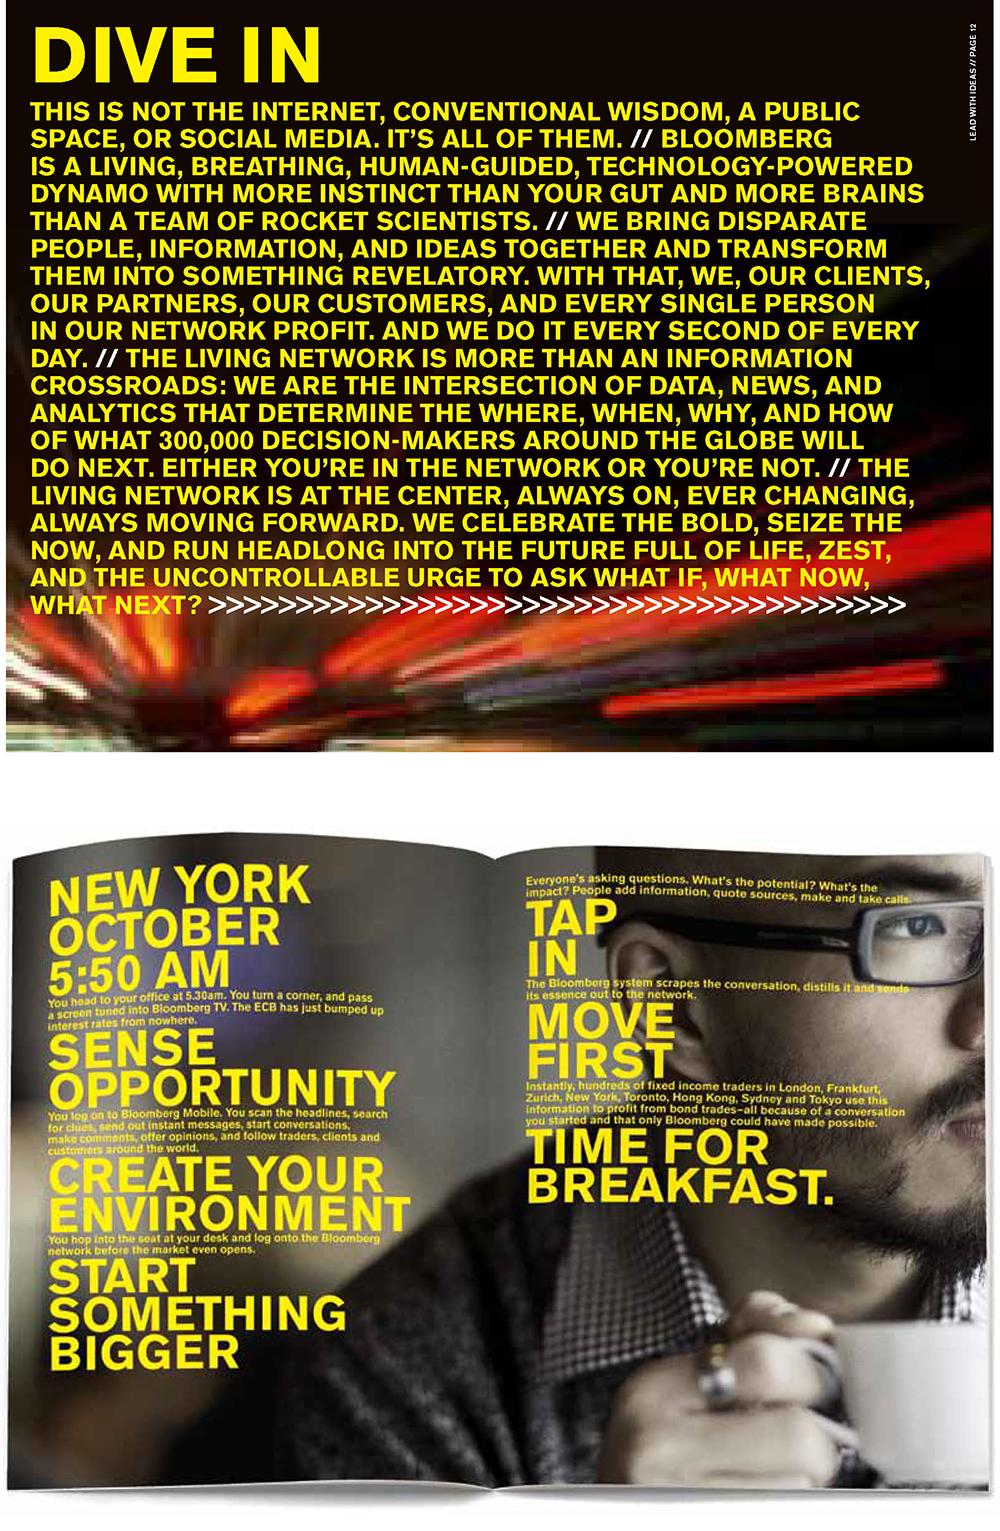 Bloomberg_1.jpg